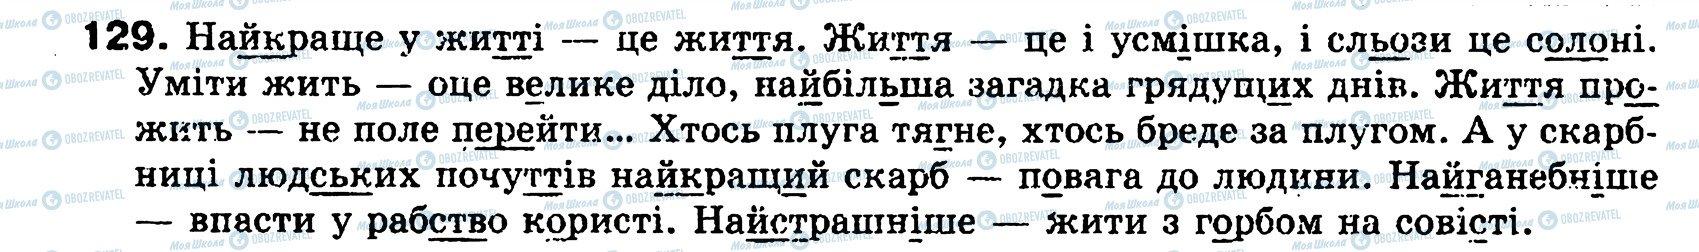 ГДЗ Українська мова 8 клас сторінка 129